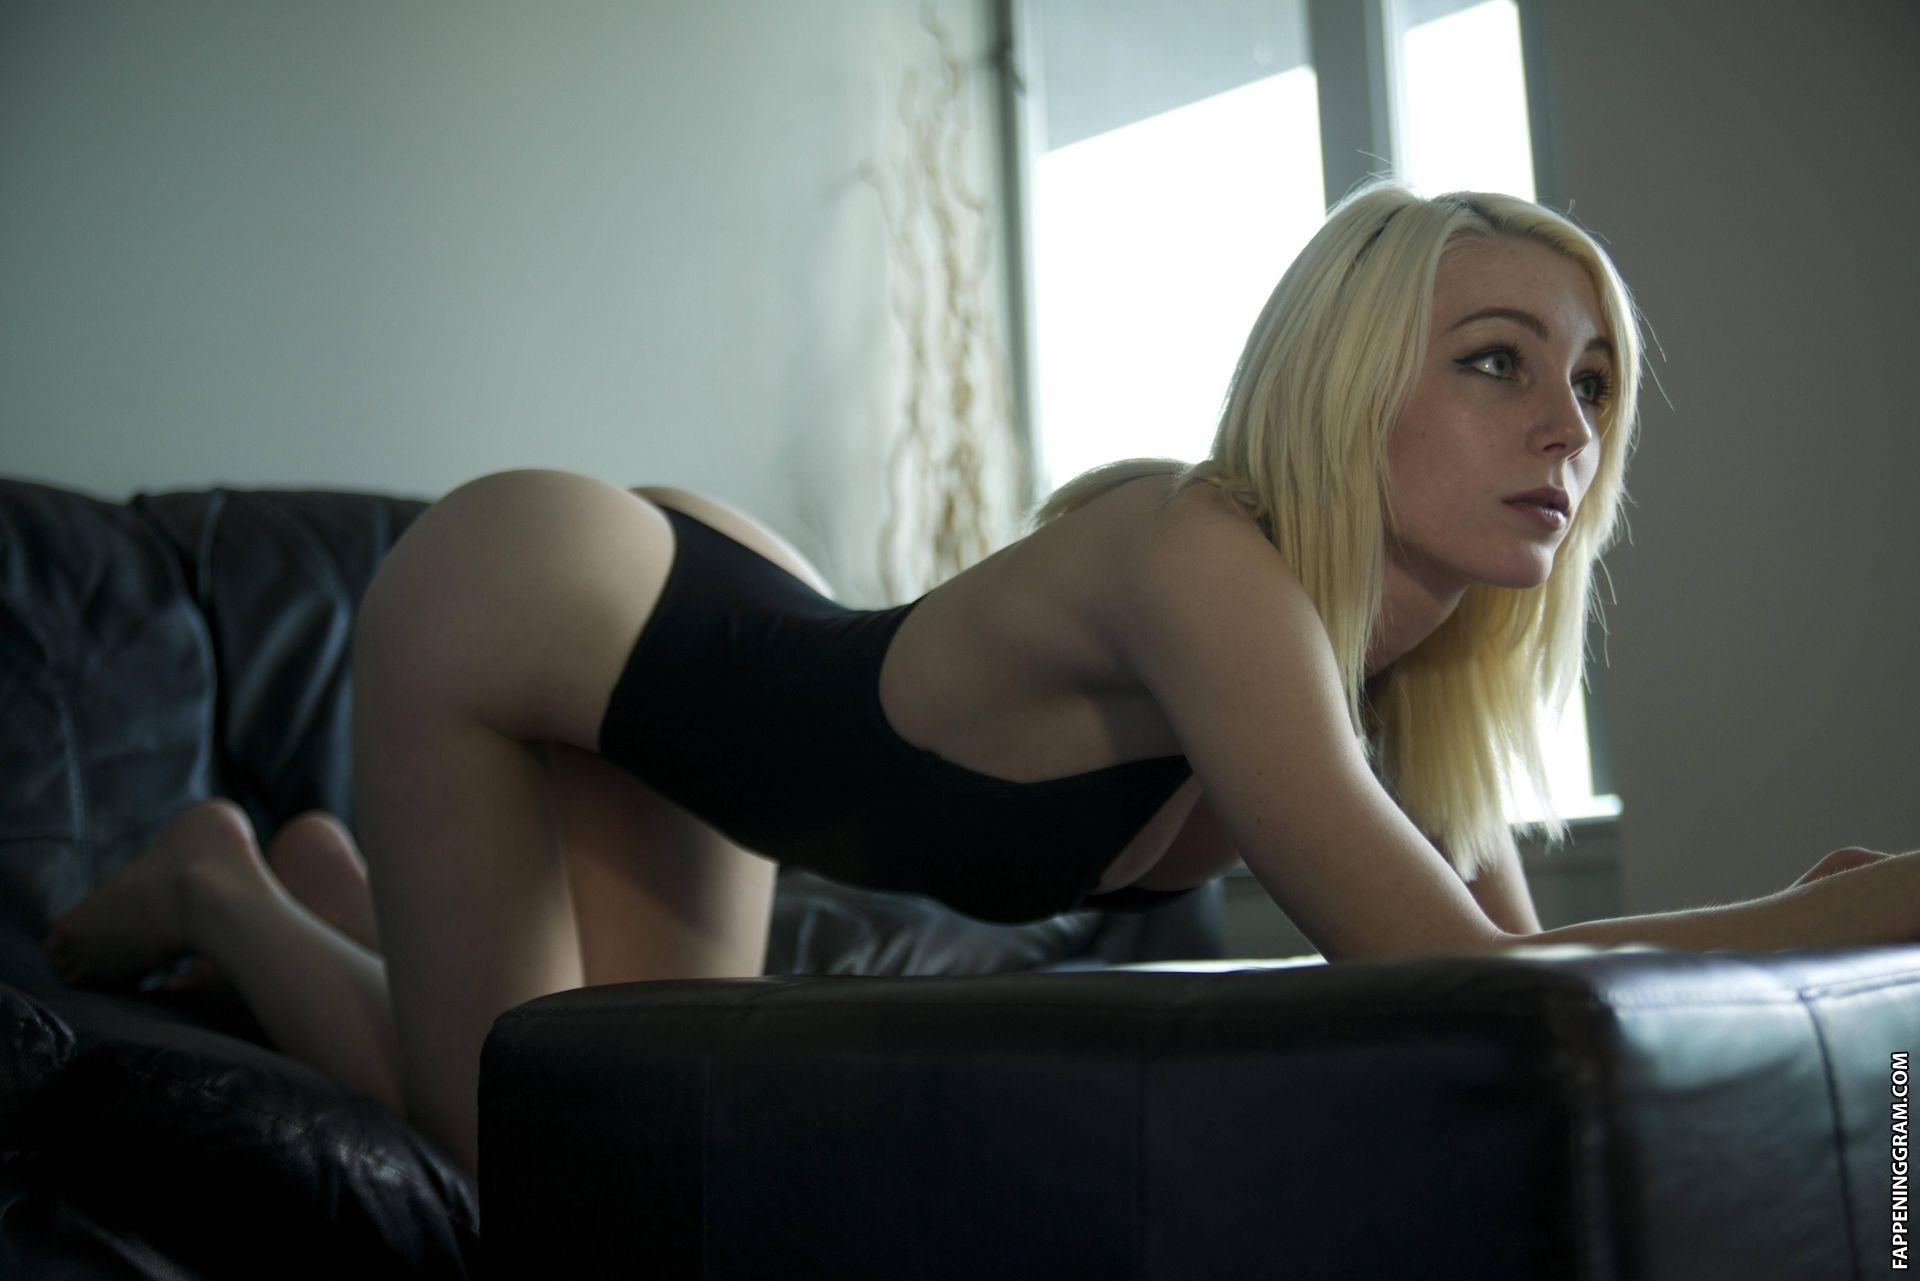 Peach naked st FULL VIDEO: